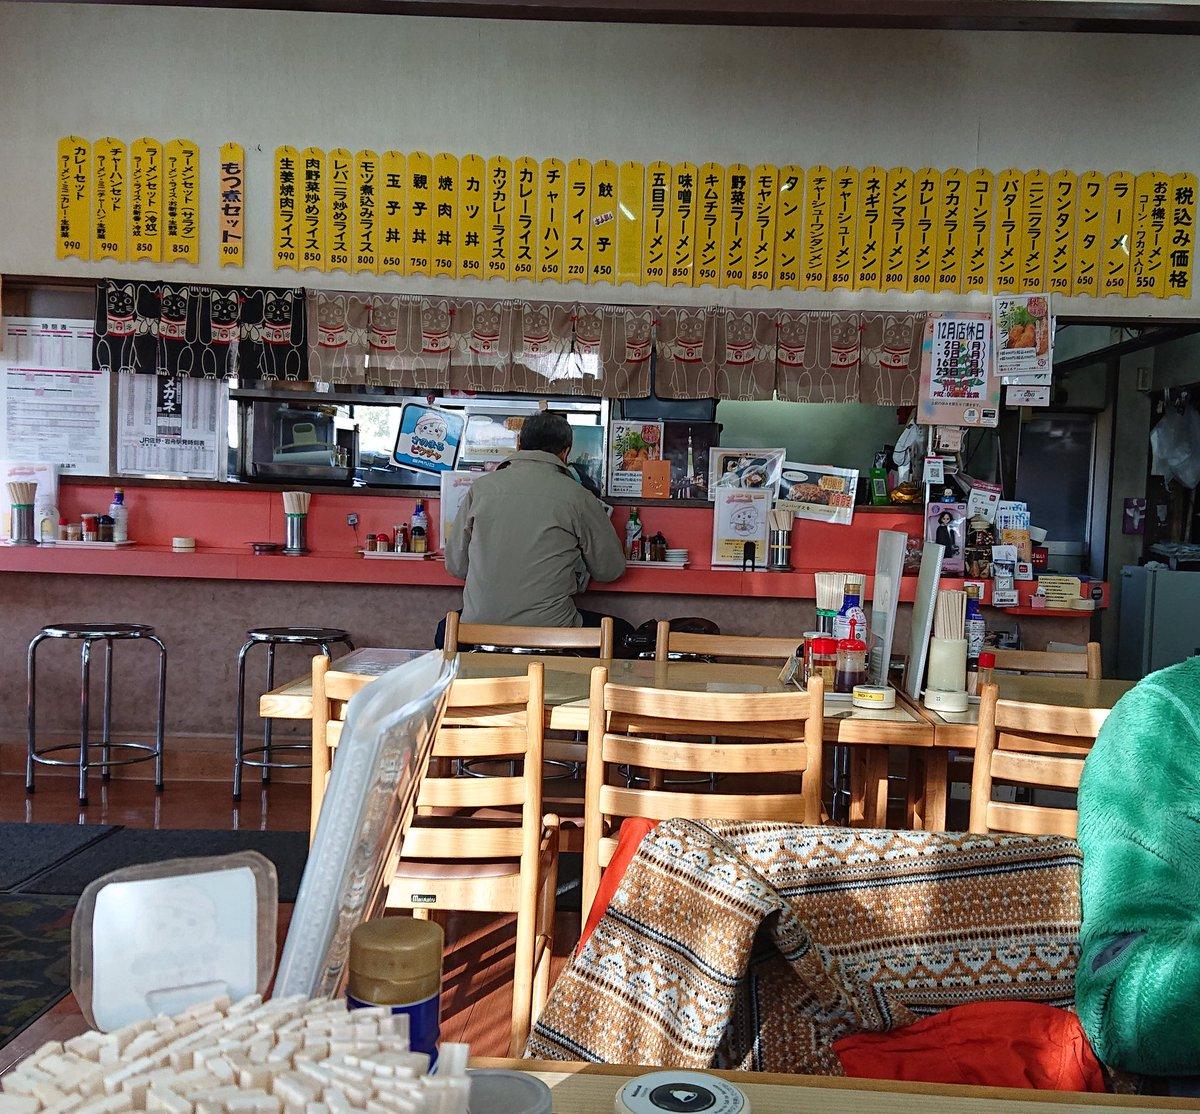 45年近くやってるラーメン店、蜂屋食堂🍜🍥 昔ながらの佐野ラーメン味わえる、ラーメン会には加盟してない、隠れた名店❗(゚ω゚) 黄色のメニュー看板レトロww